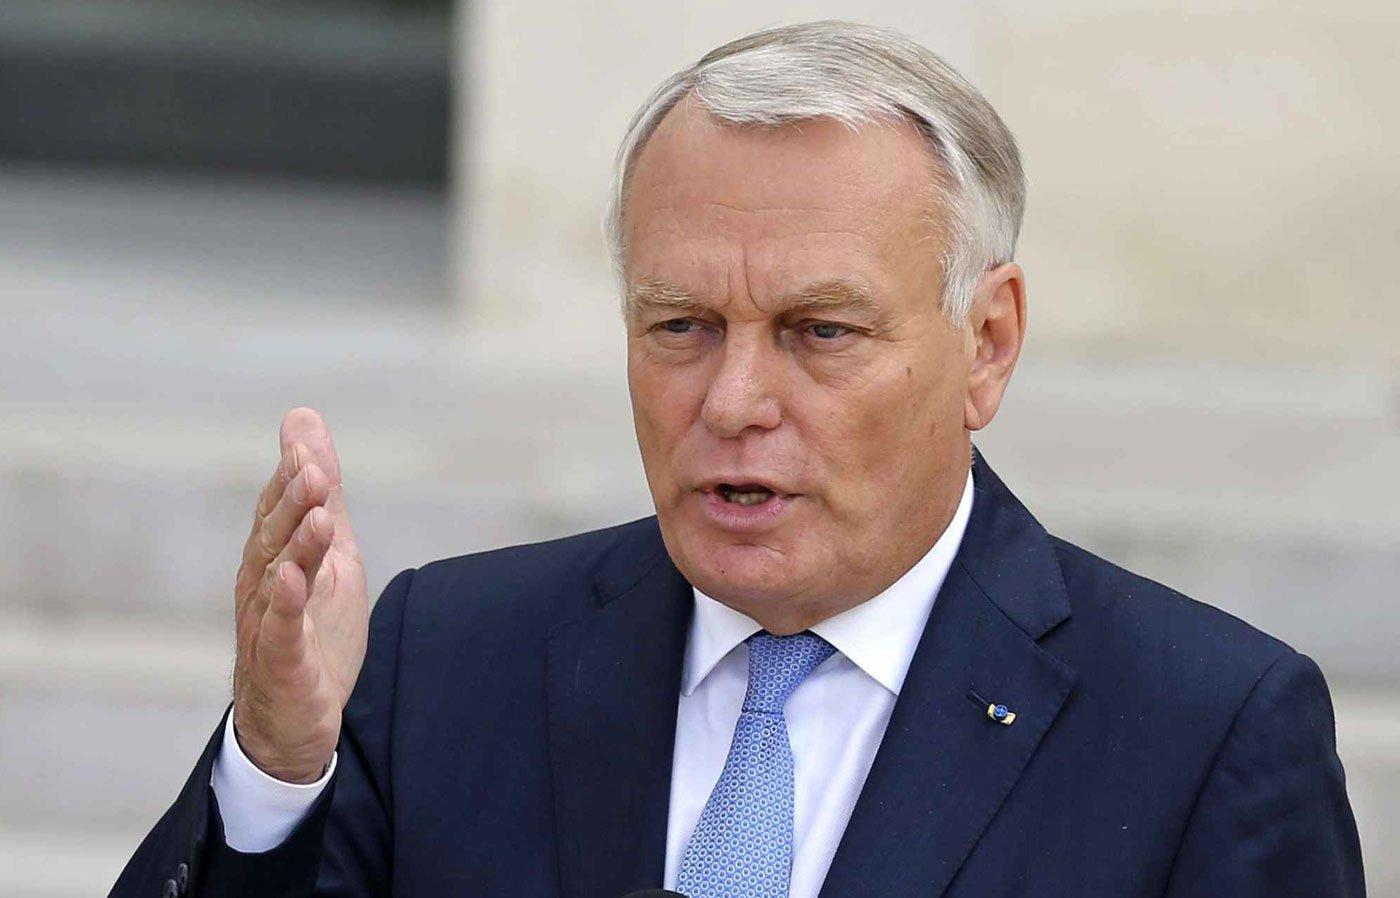 jean-marc-ayrault_cancillerfrancia El ministro francés de Exteriores, Jean-Marc Ayrault